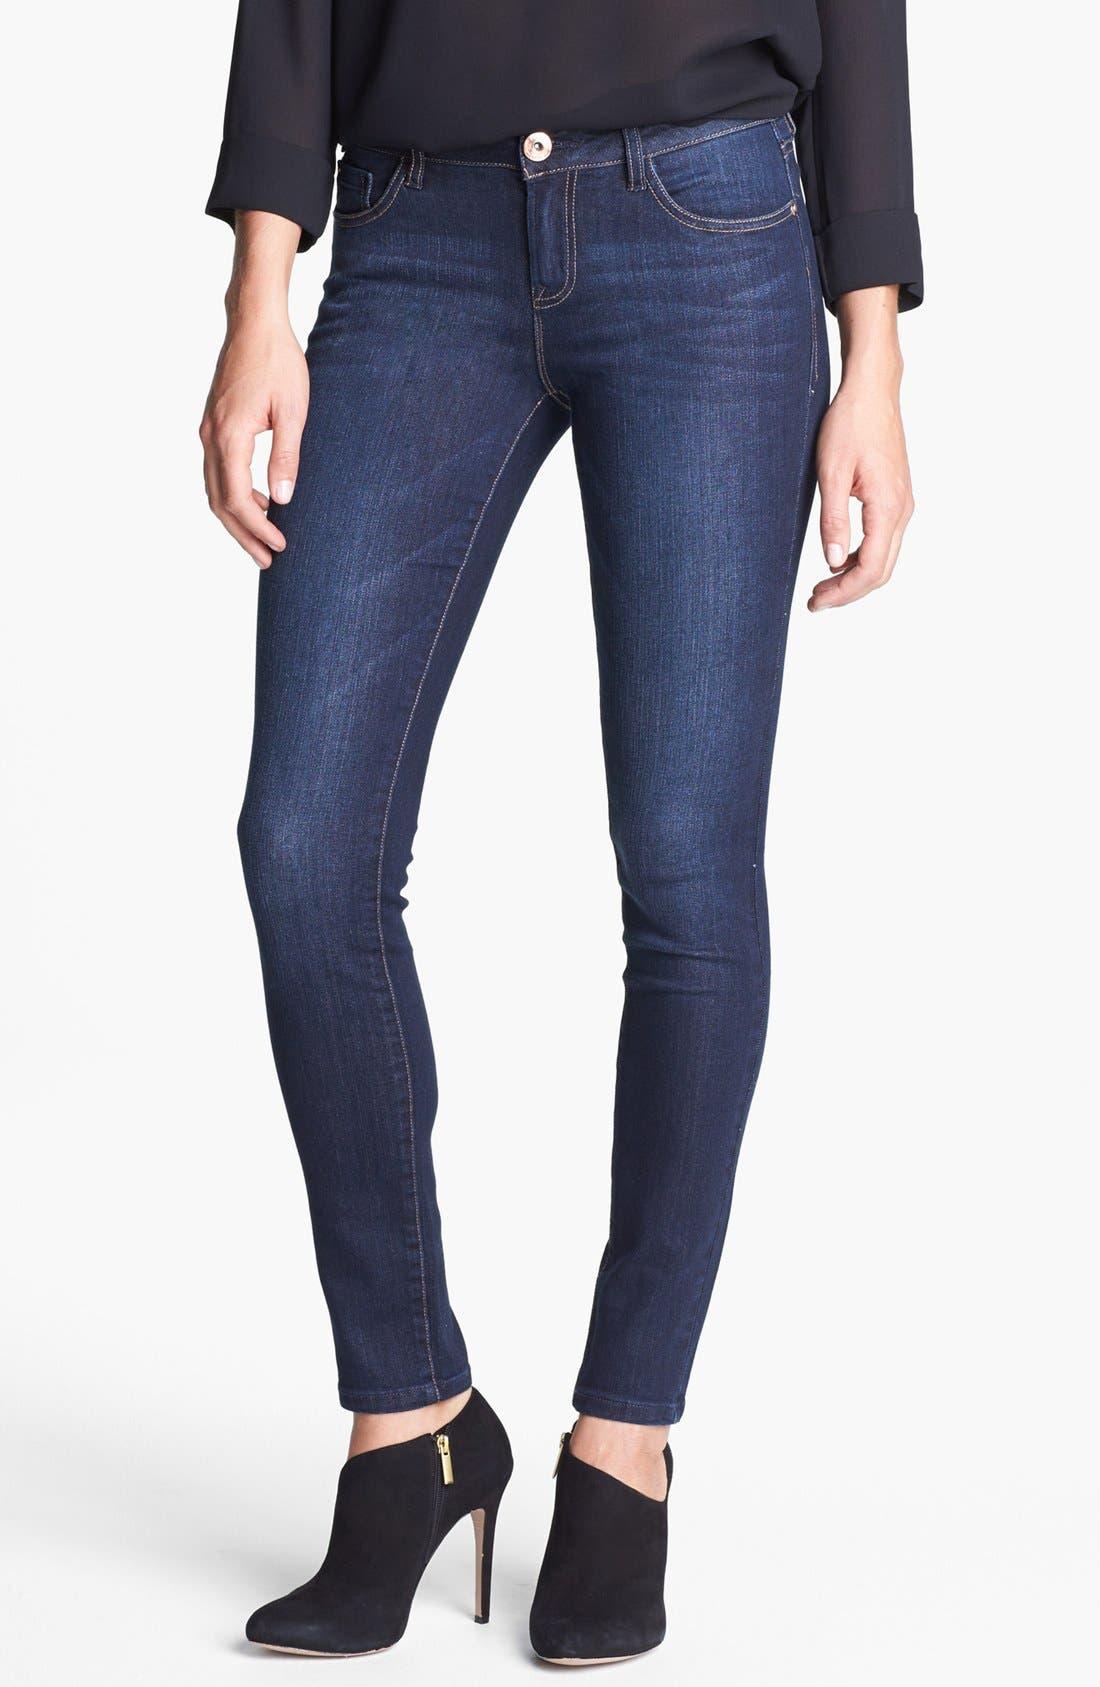 Alternate Image 1 Selected - kensie Skinny Jeans (Starry Eyed)